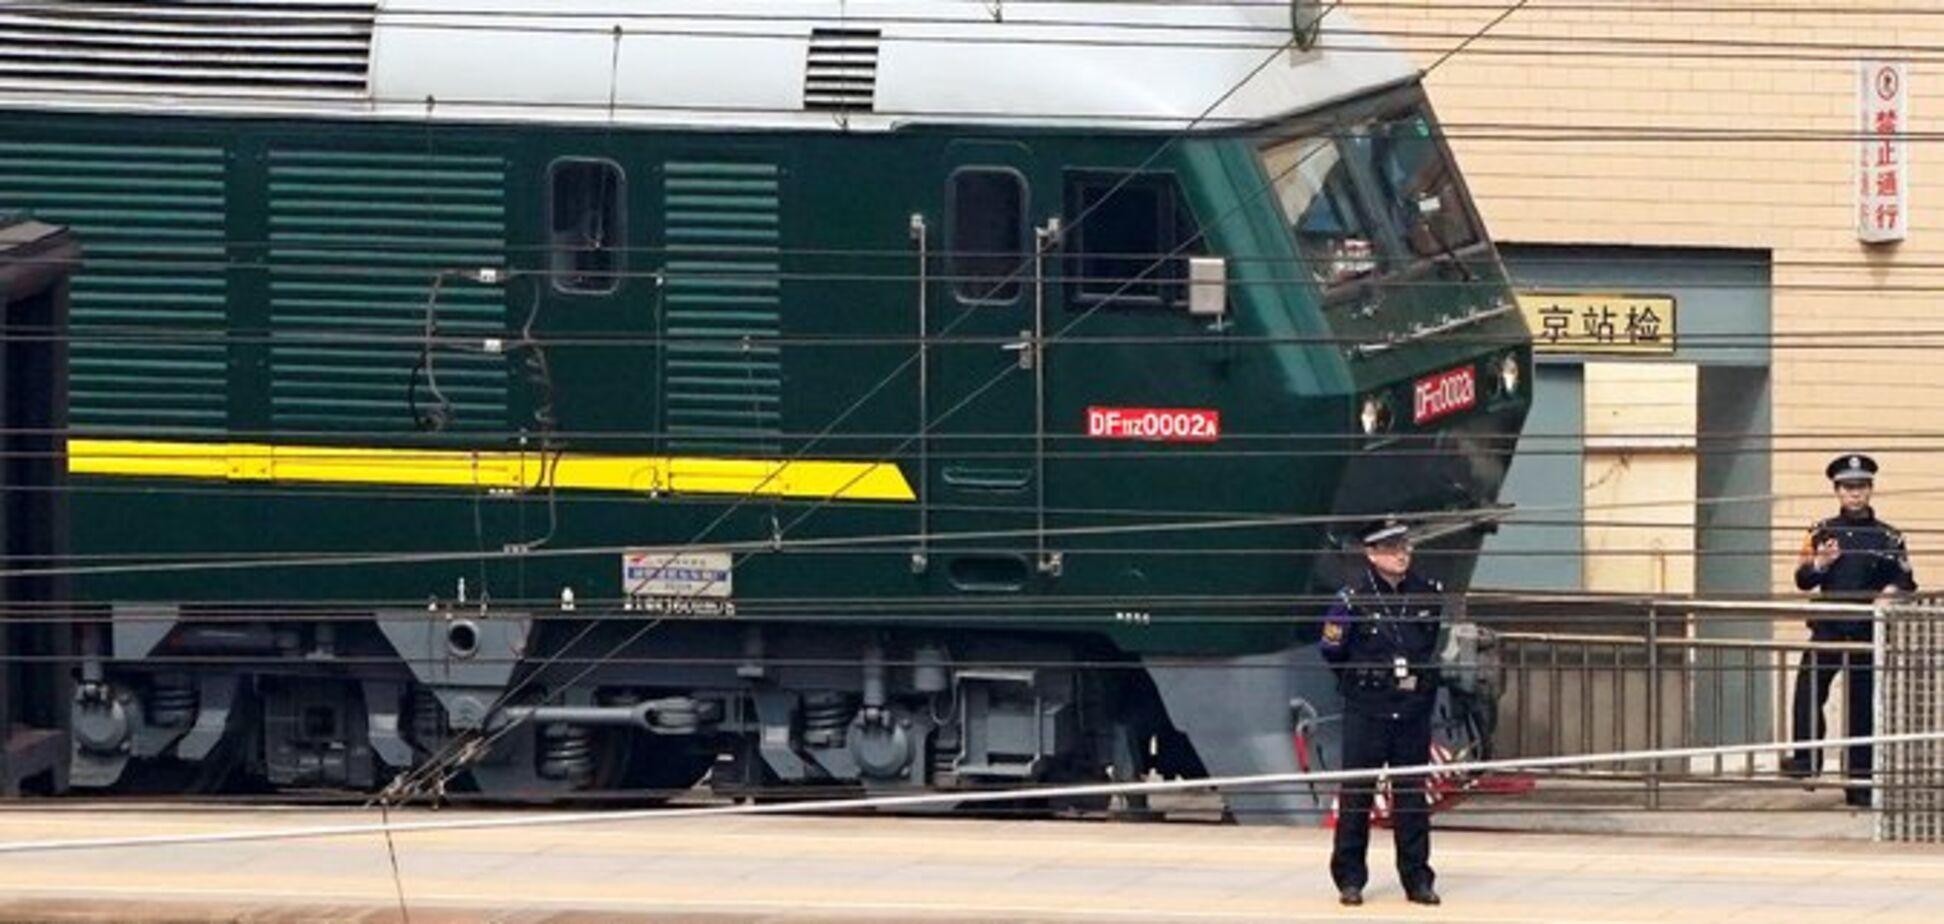 Лобстеры и ящики вина: стали известны детали о секретном поезде Ким Чен Ына